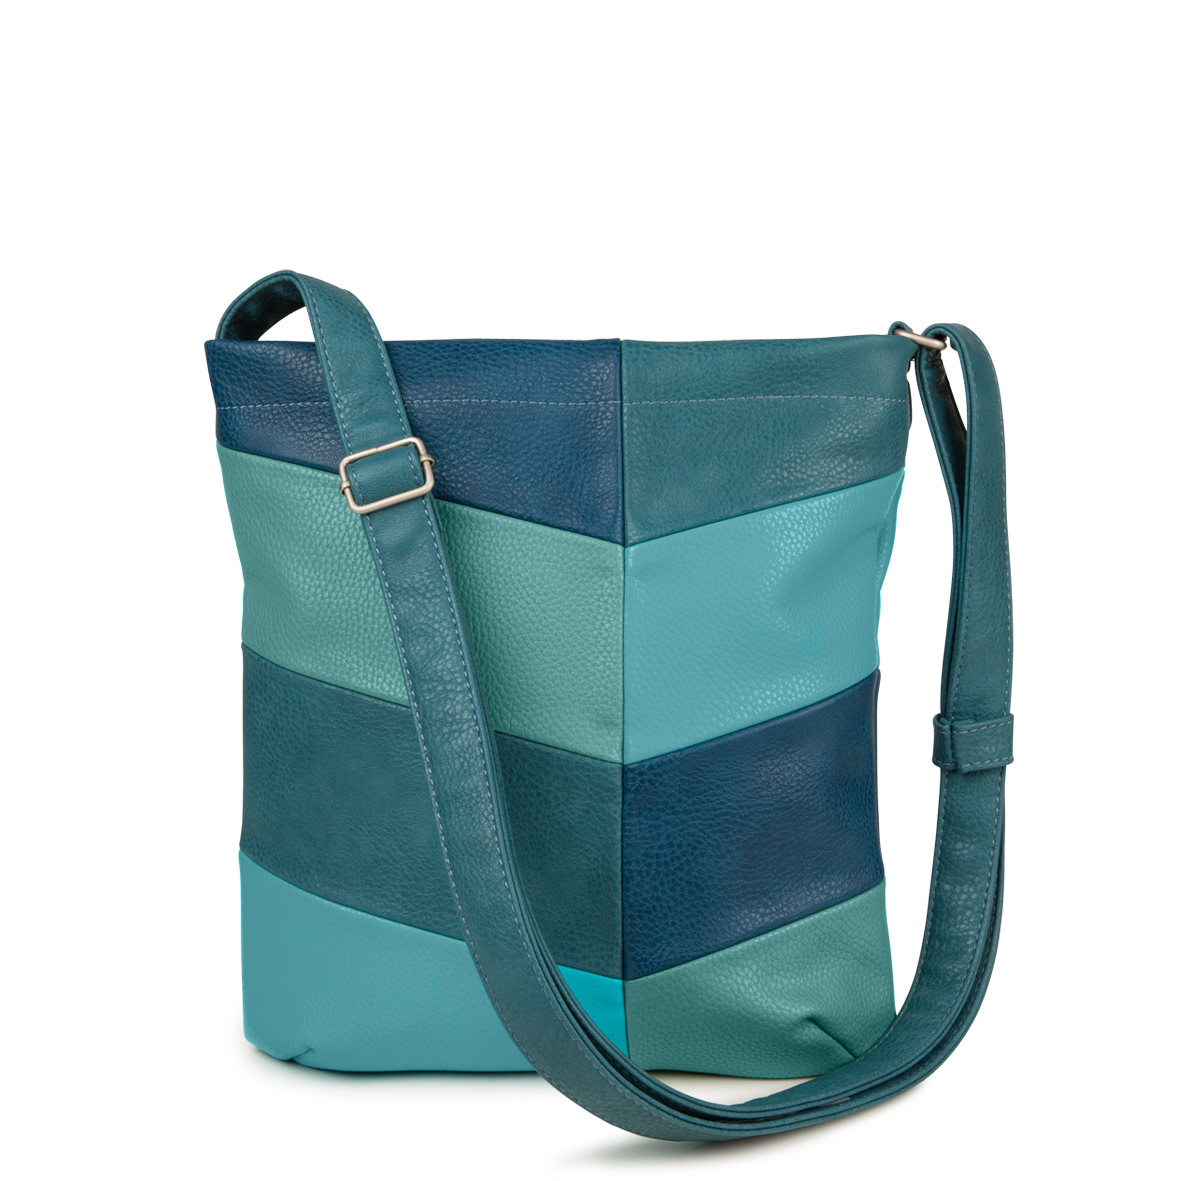 c2454f0dbb9a2 ZWEI Handtasche Umhängetasche Damen LISSY LY10-z Kunstleder – Bild 3